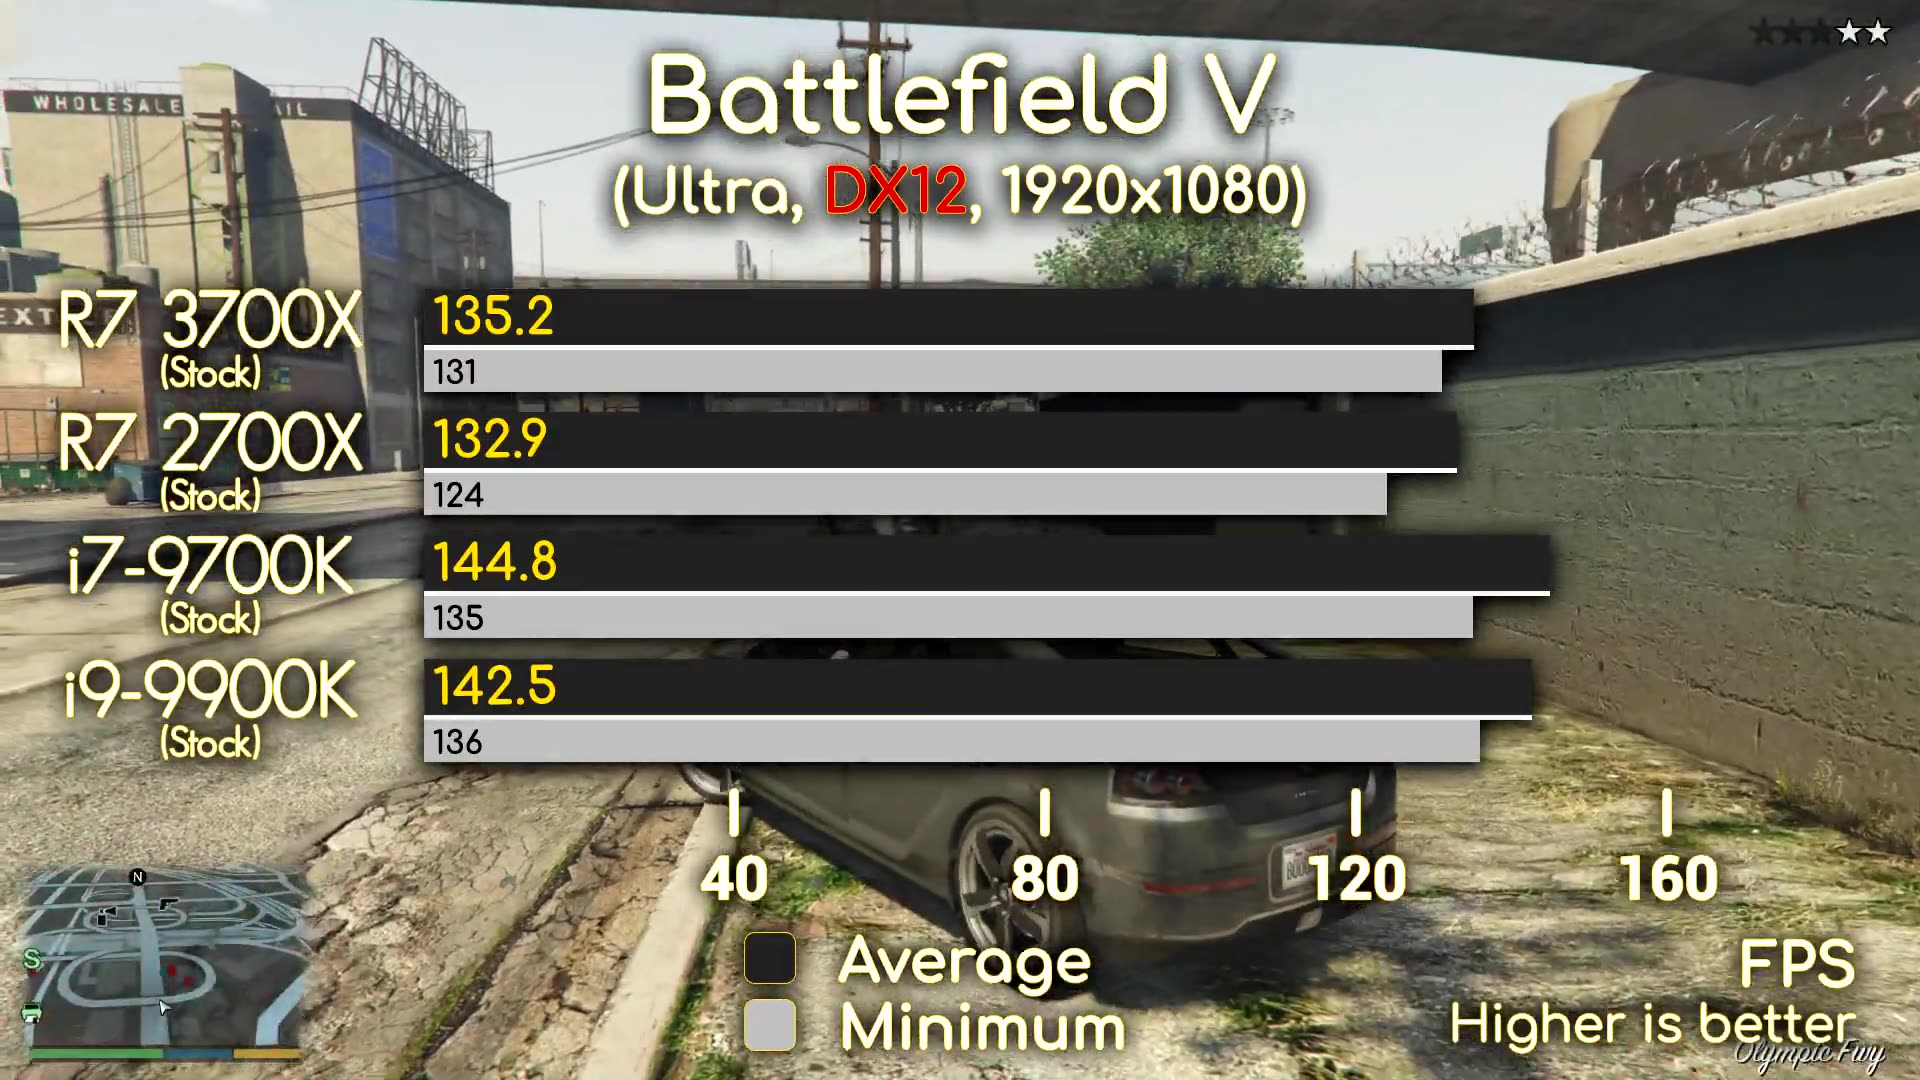 3700x Vs 9700k